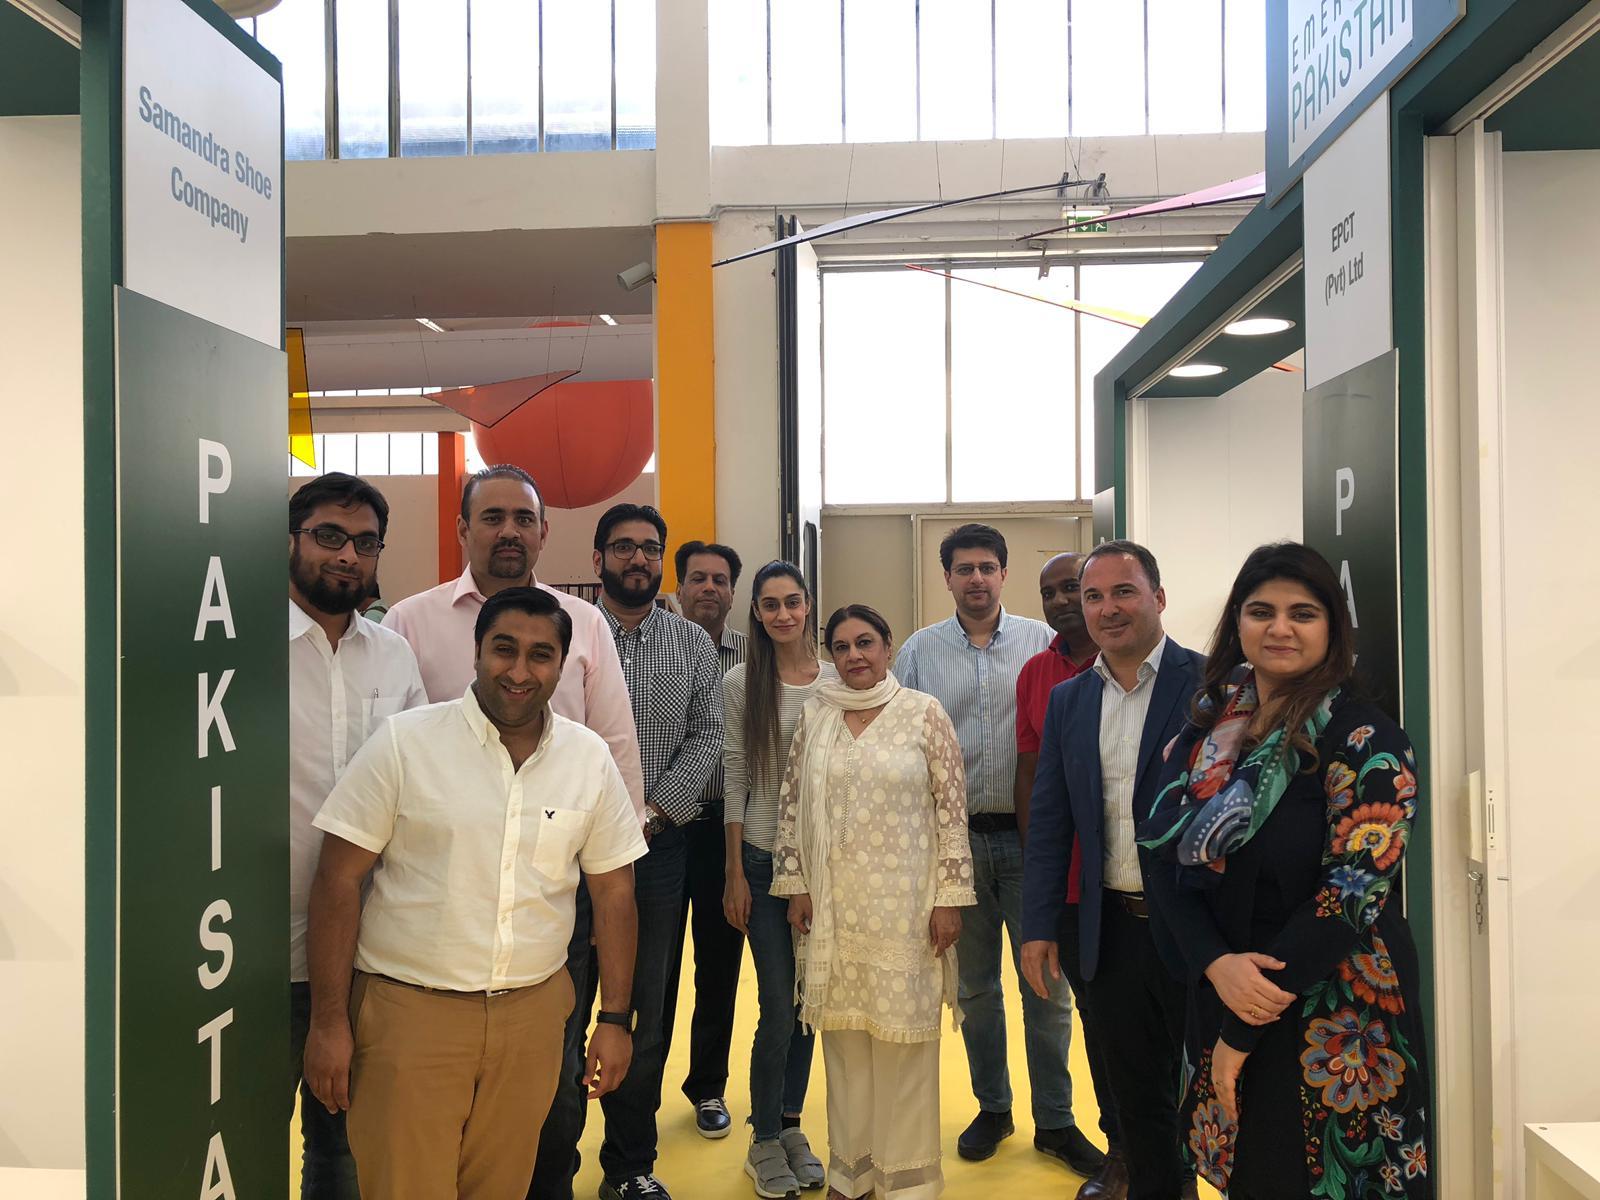 Delegazione Pakistana accompagnata dall'UNIDO ITPO Italy all'ExpoRivaSchuh